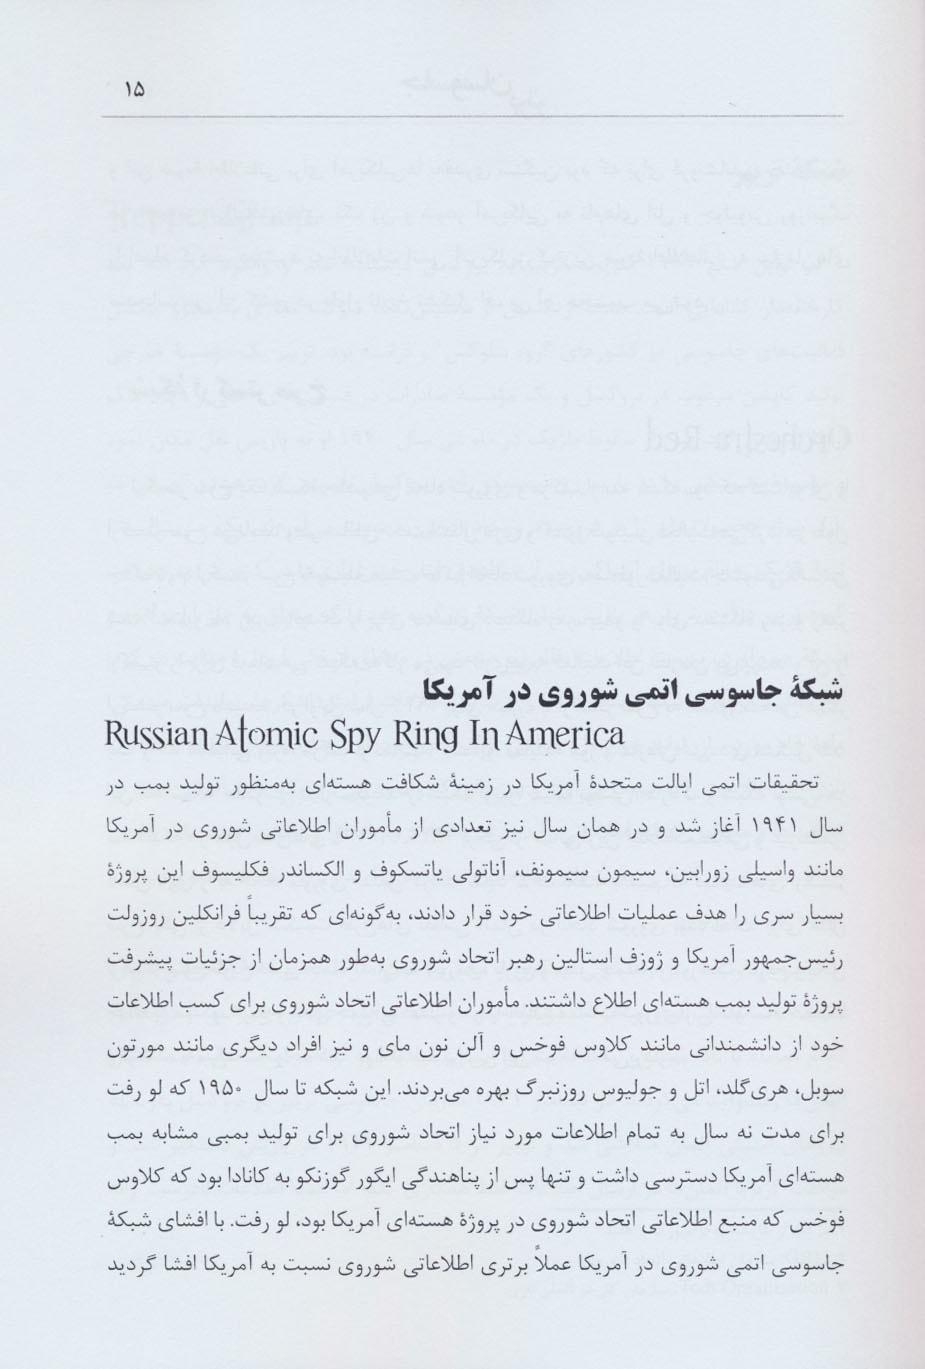 جاسوسان برتر (معرفی سازمان ها و شبکه های جاسوسی و 100 جاسوس مشهور)